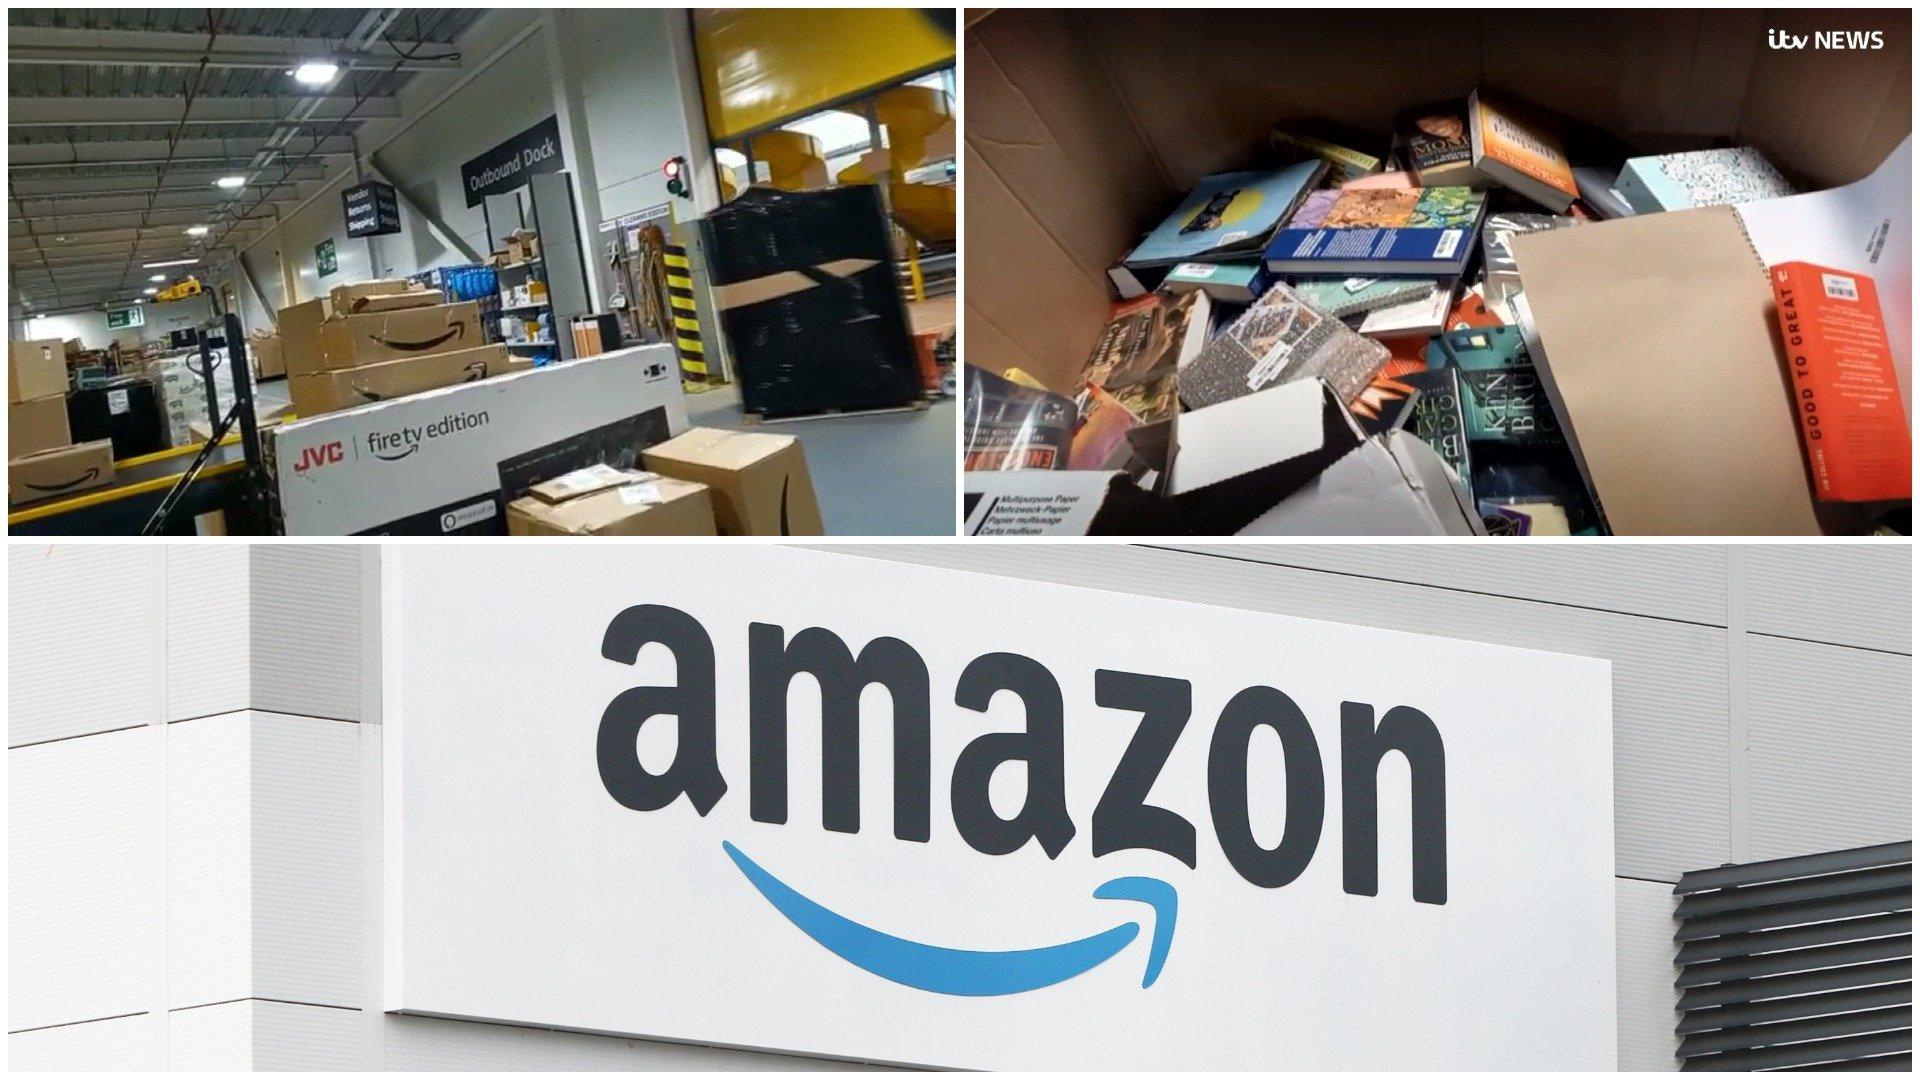 انبارهای آمازون سالانه میلیونها محصول فروخته نشده را از بین میبرند